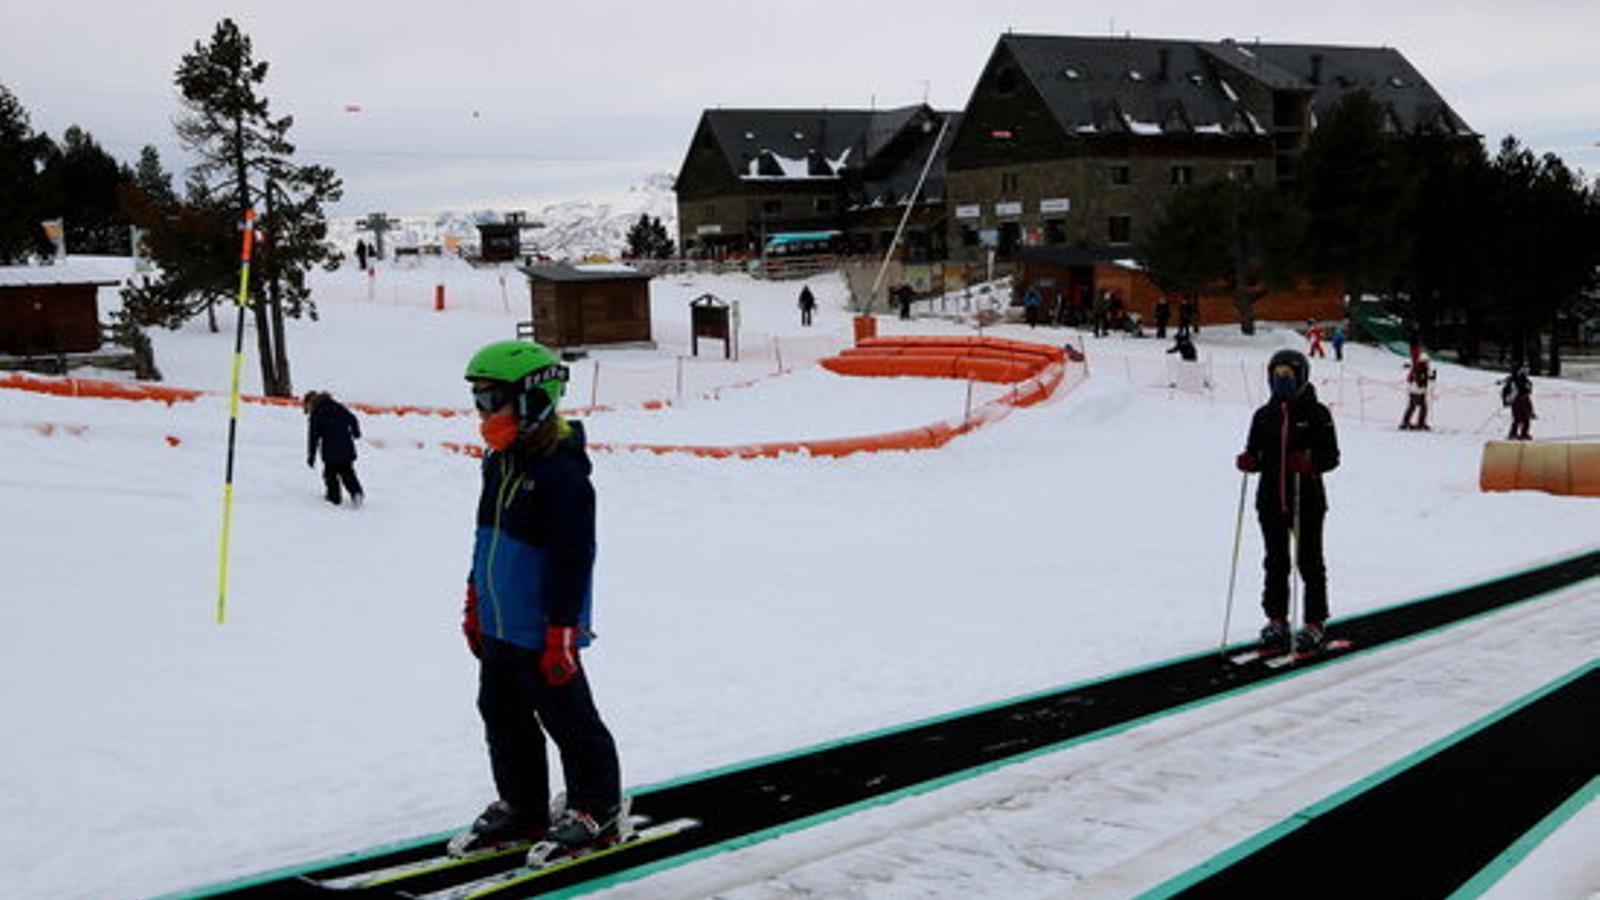 Esquiadors a Portainé, el primer dia de vigència de l'actual confinament municipal. / ACN (Marta Lluvich)